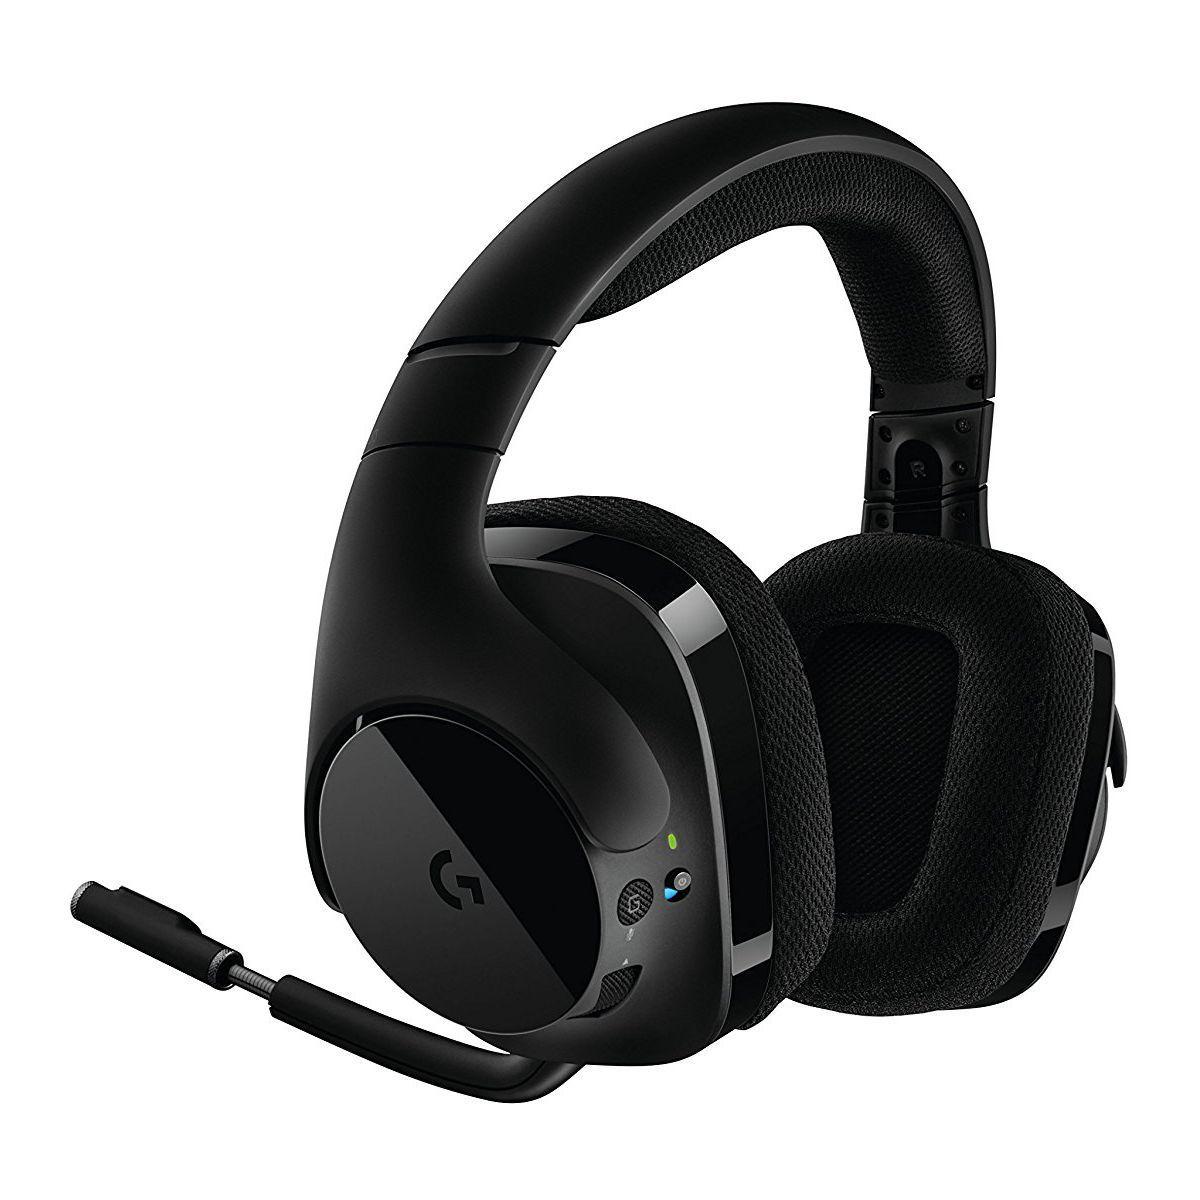 Kopfhörer Gaming Bluetooth mit Mikrophon Logitech G533 Wireless Gami - Schwarz